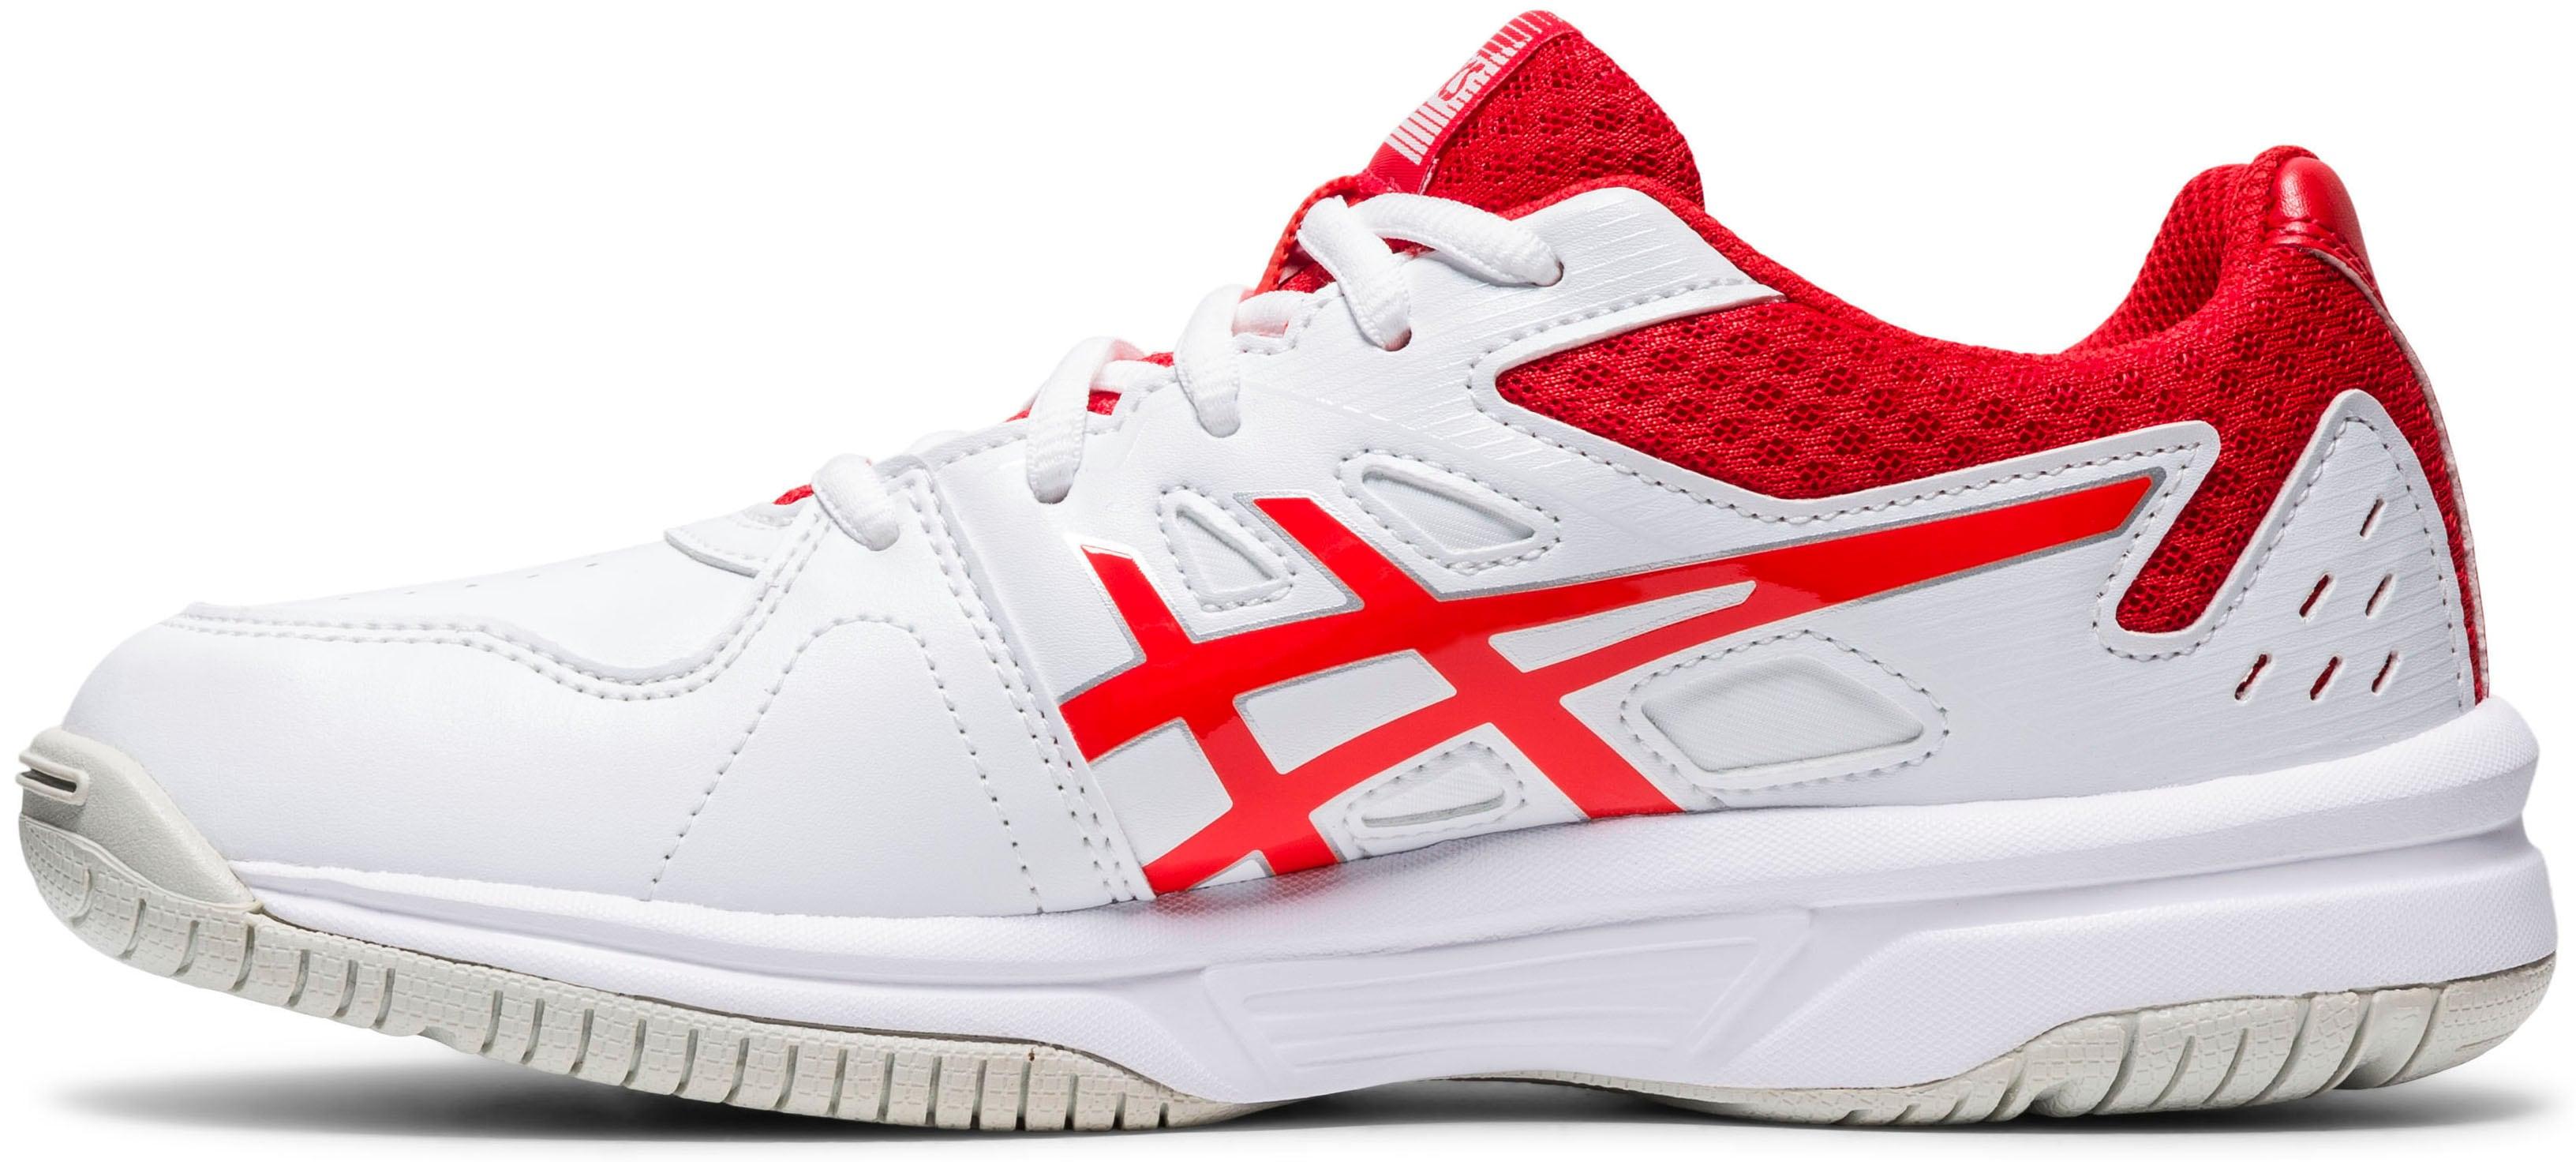 Asics Tennisschuh COURT SLIDE weiß Tennisschuhe Sportschuhe Unisex